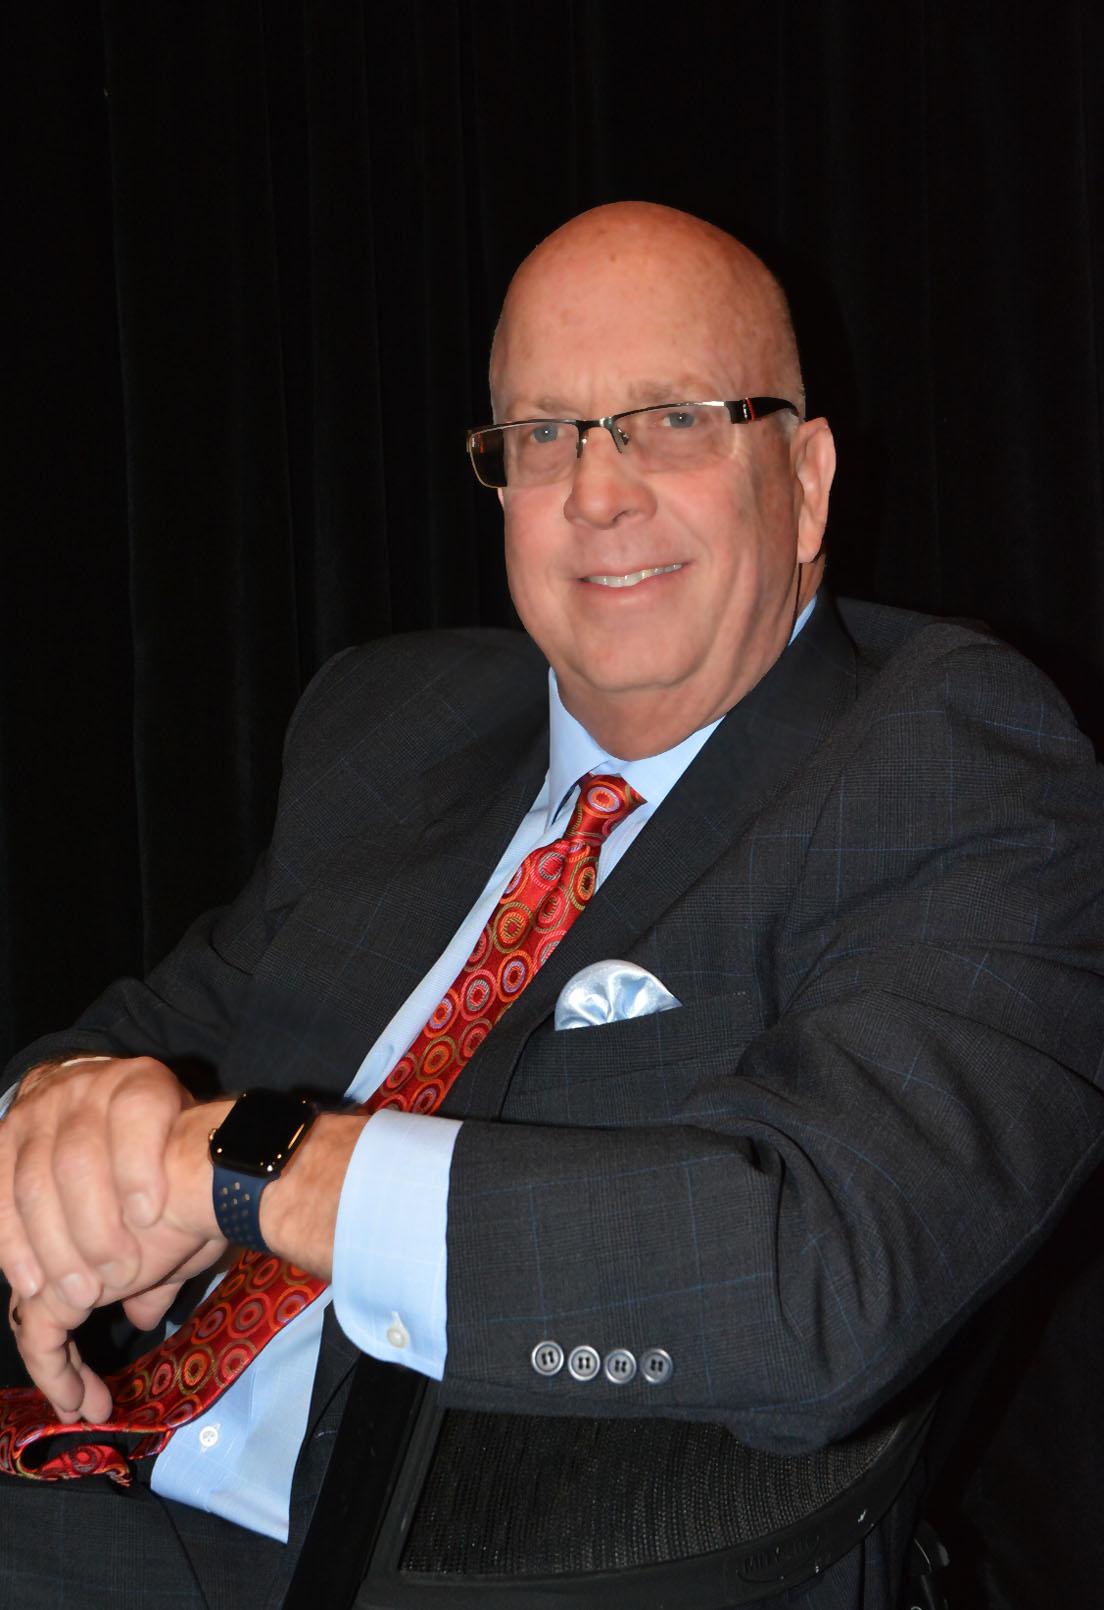 Jim Rudolph, Veterans Funeral Care